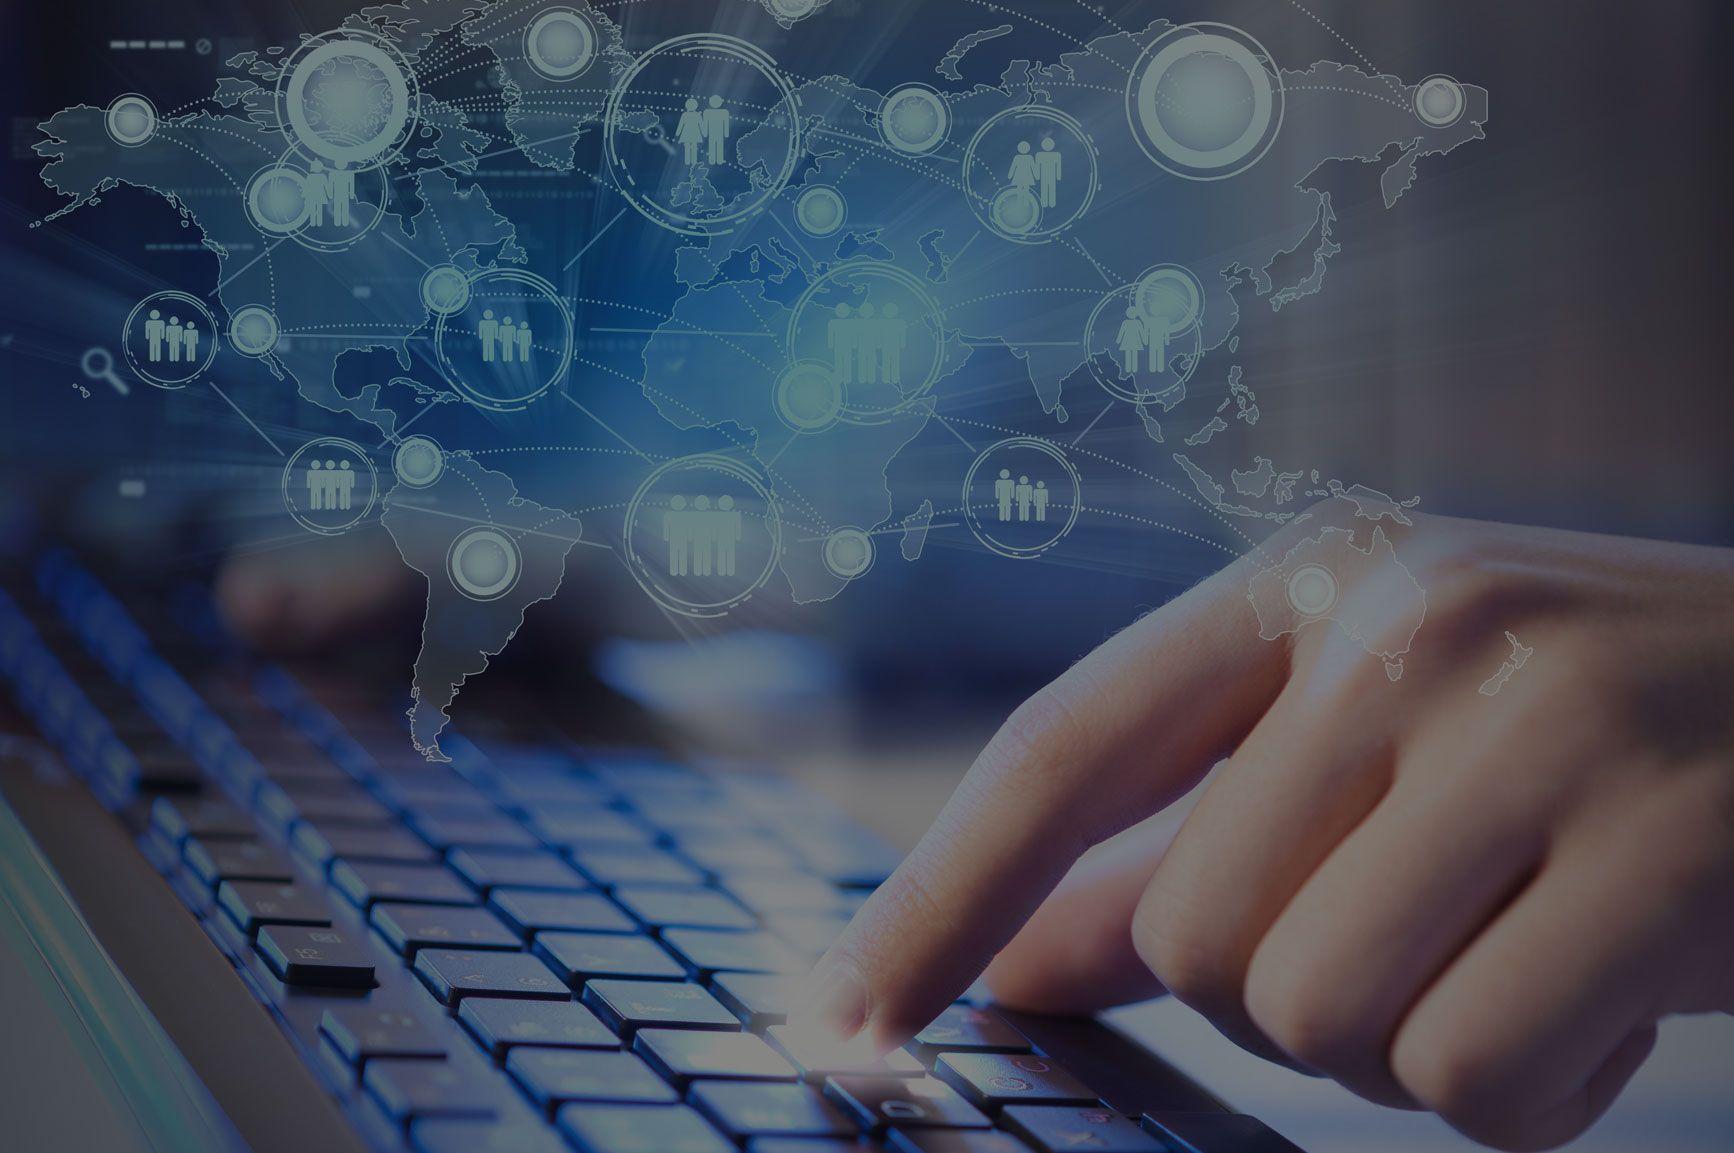 Agencia Digital en guatemala, Soluciones Digitales